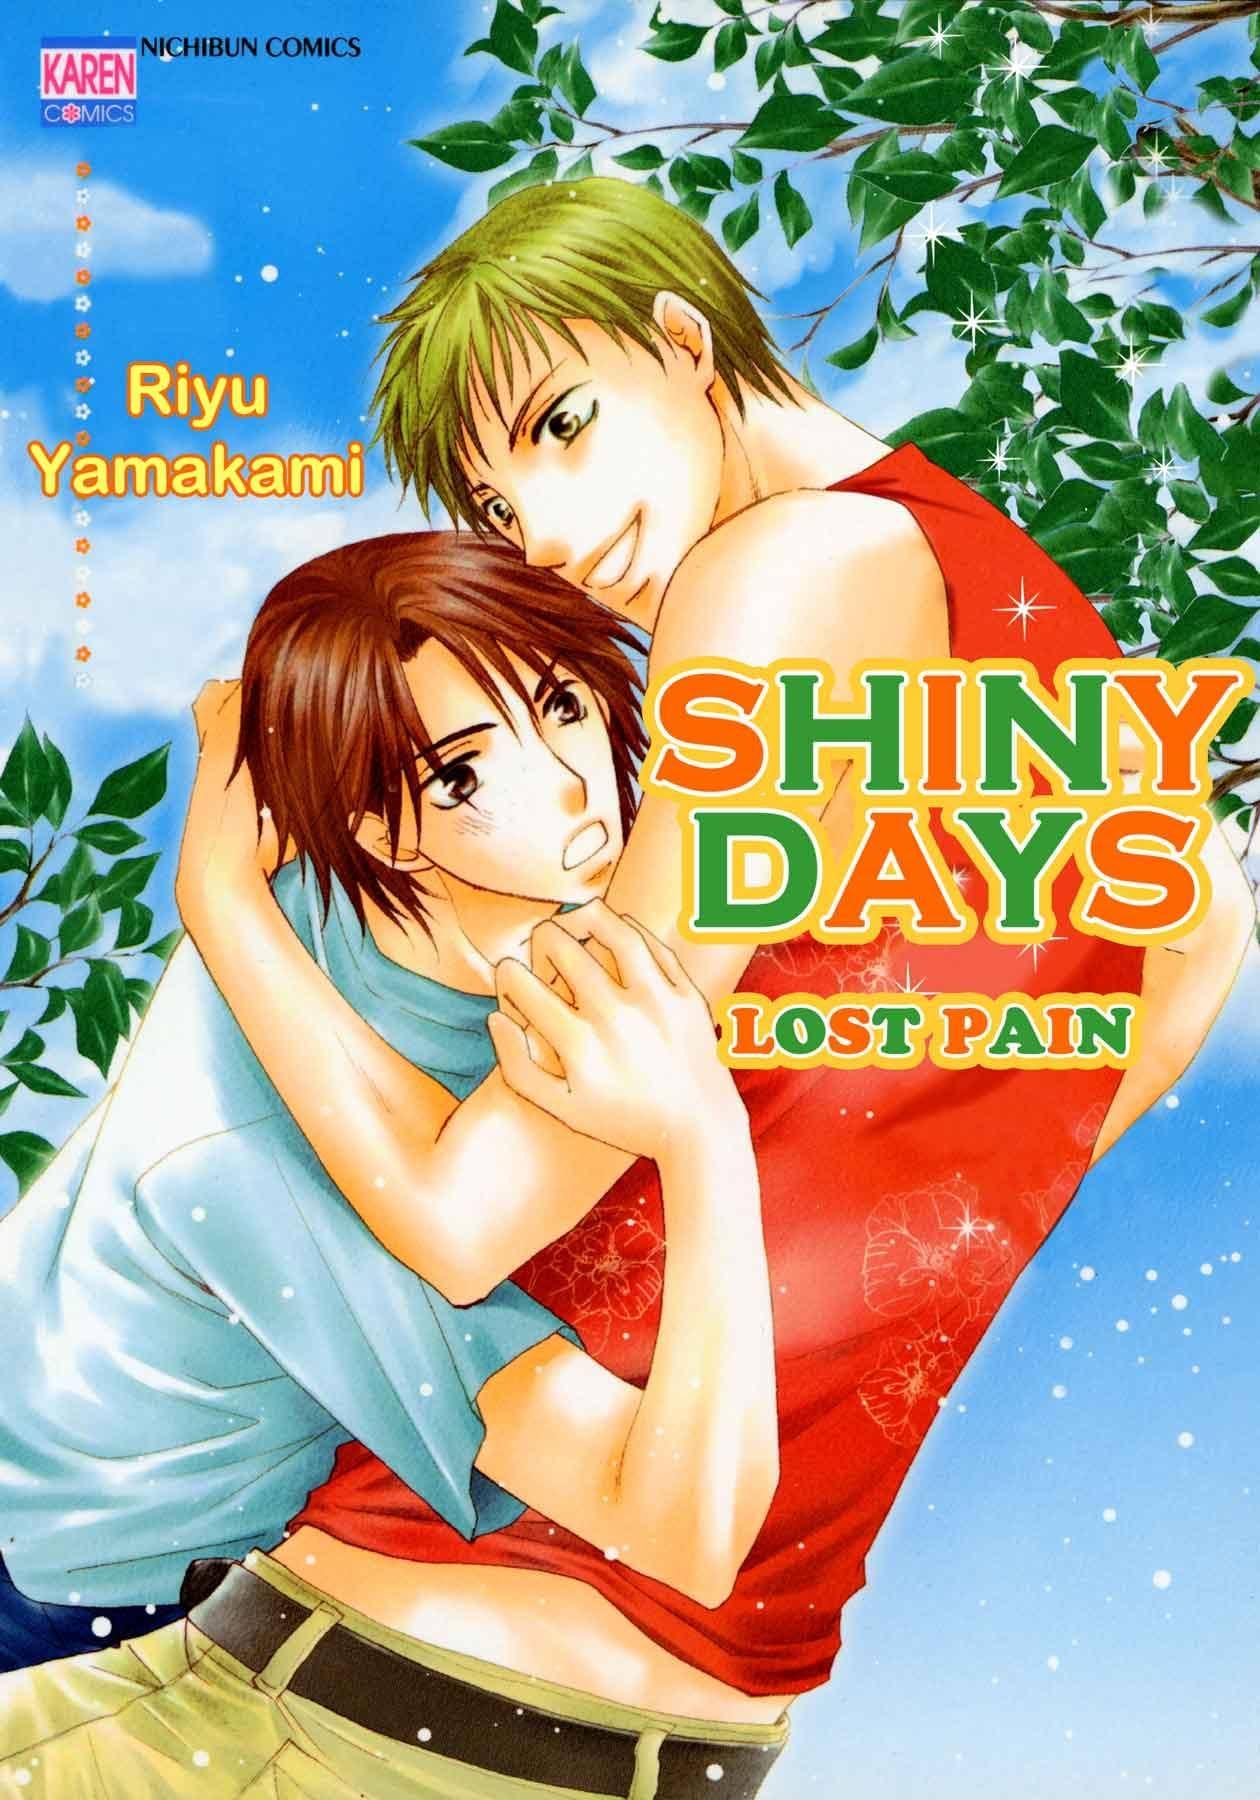 SHINYDAYS #6